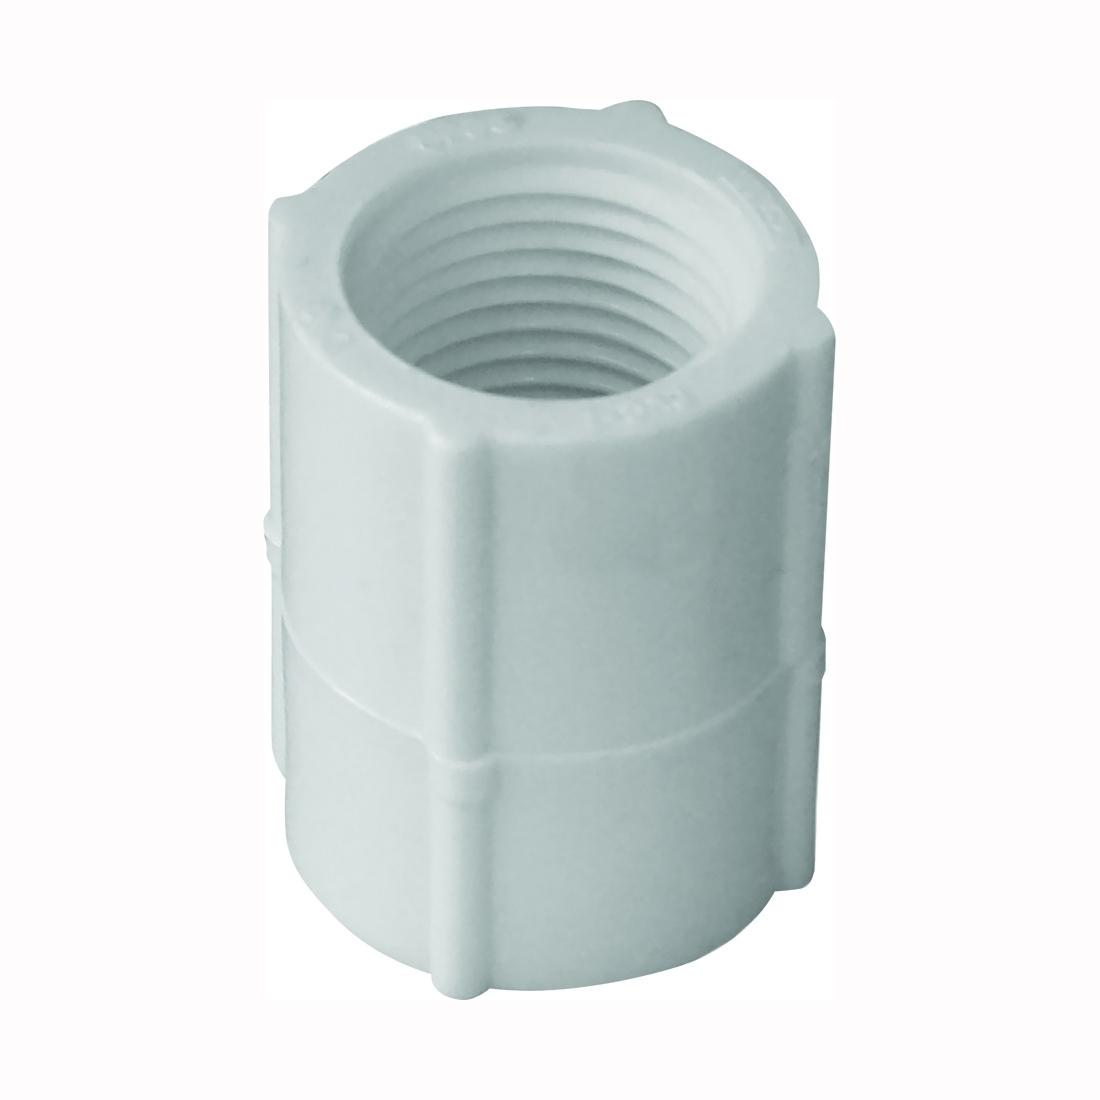 Picture of GENOVA 300 Series 30125 Pipe Coupler, 1/2 in, FIP, White, SCH 40 Schedule, 600 psi Pressure